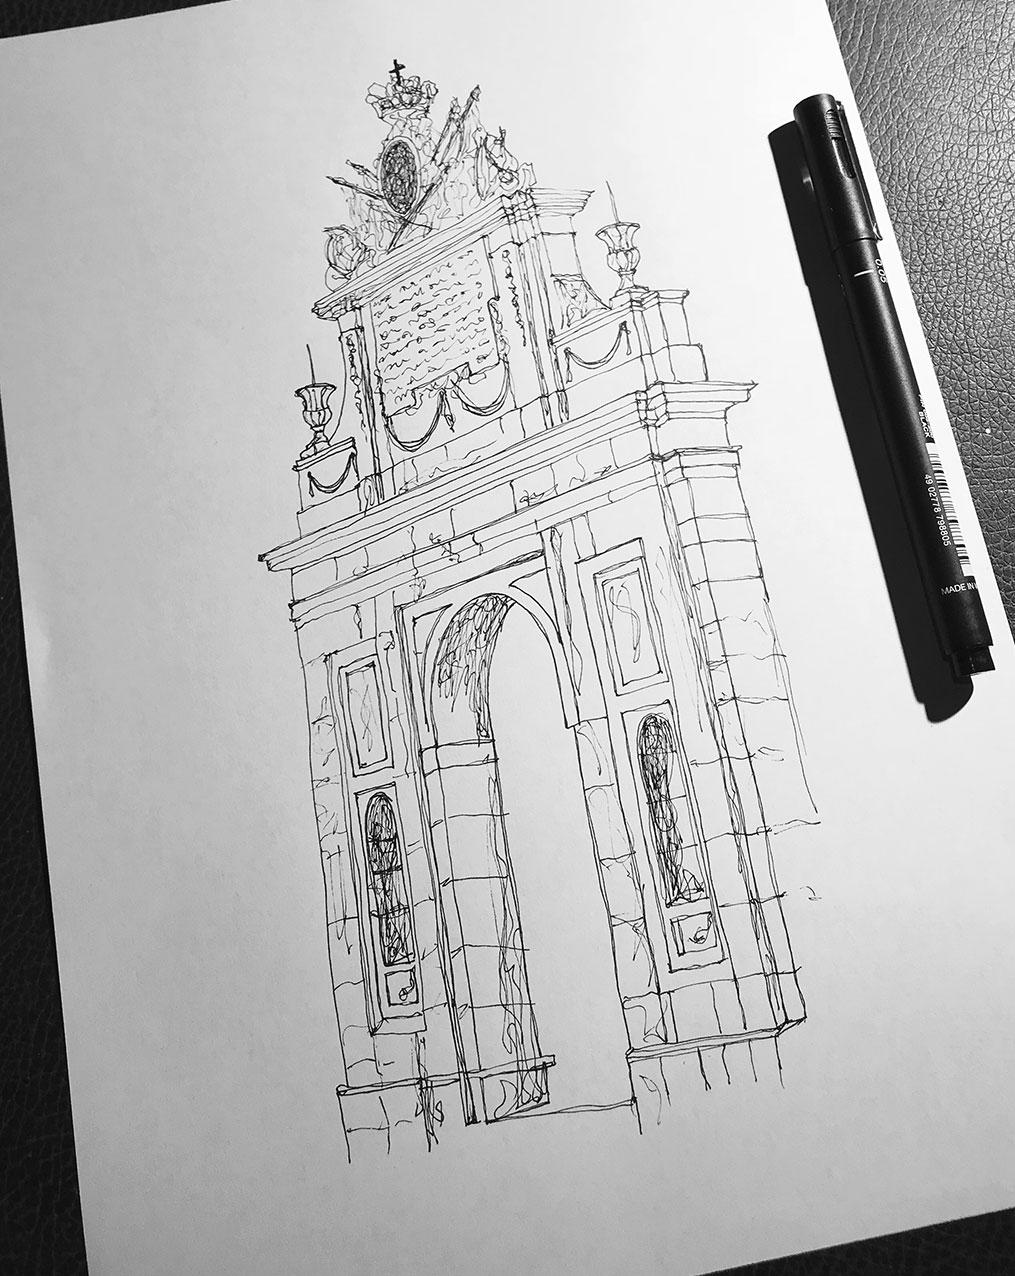 ilustração Palacio de seteais